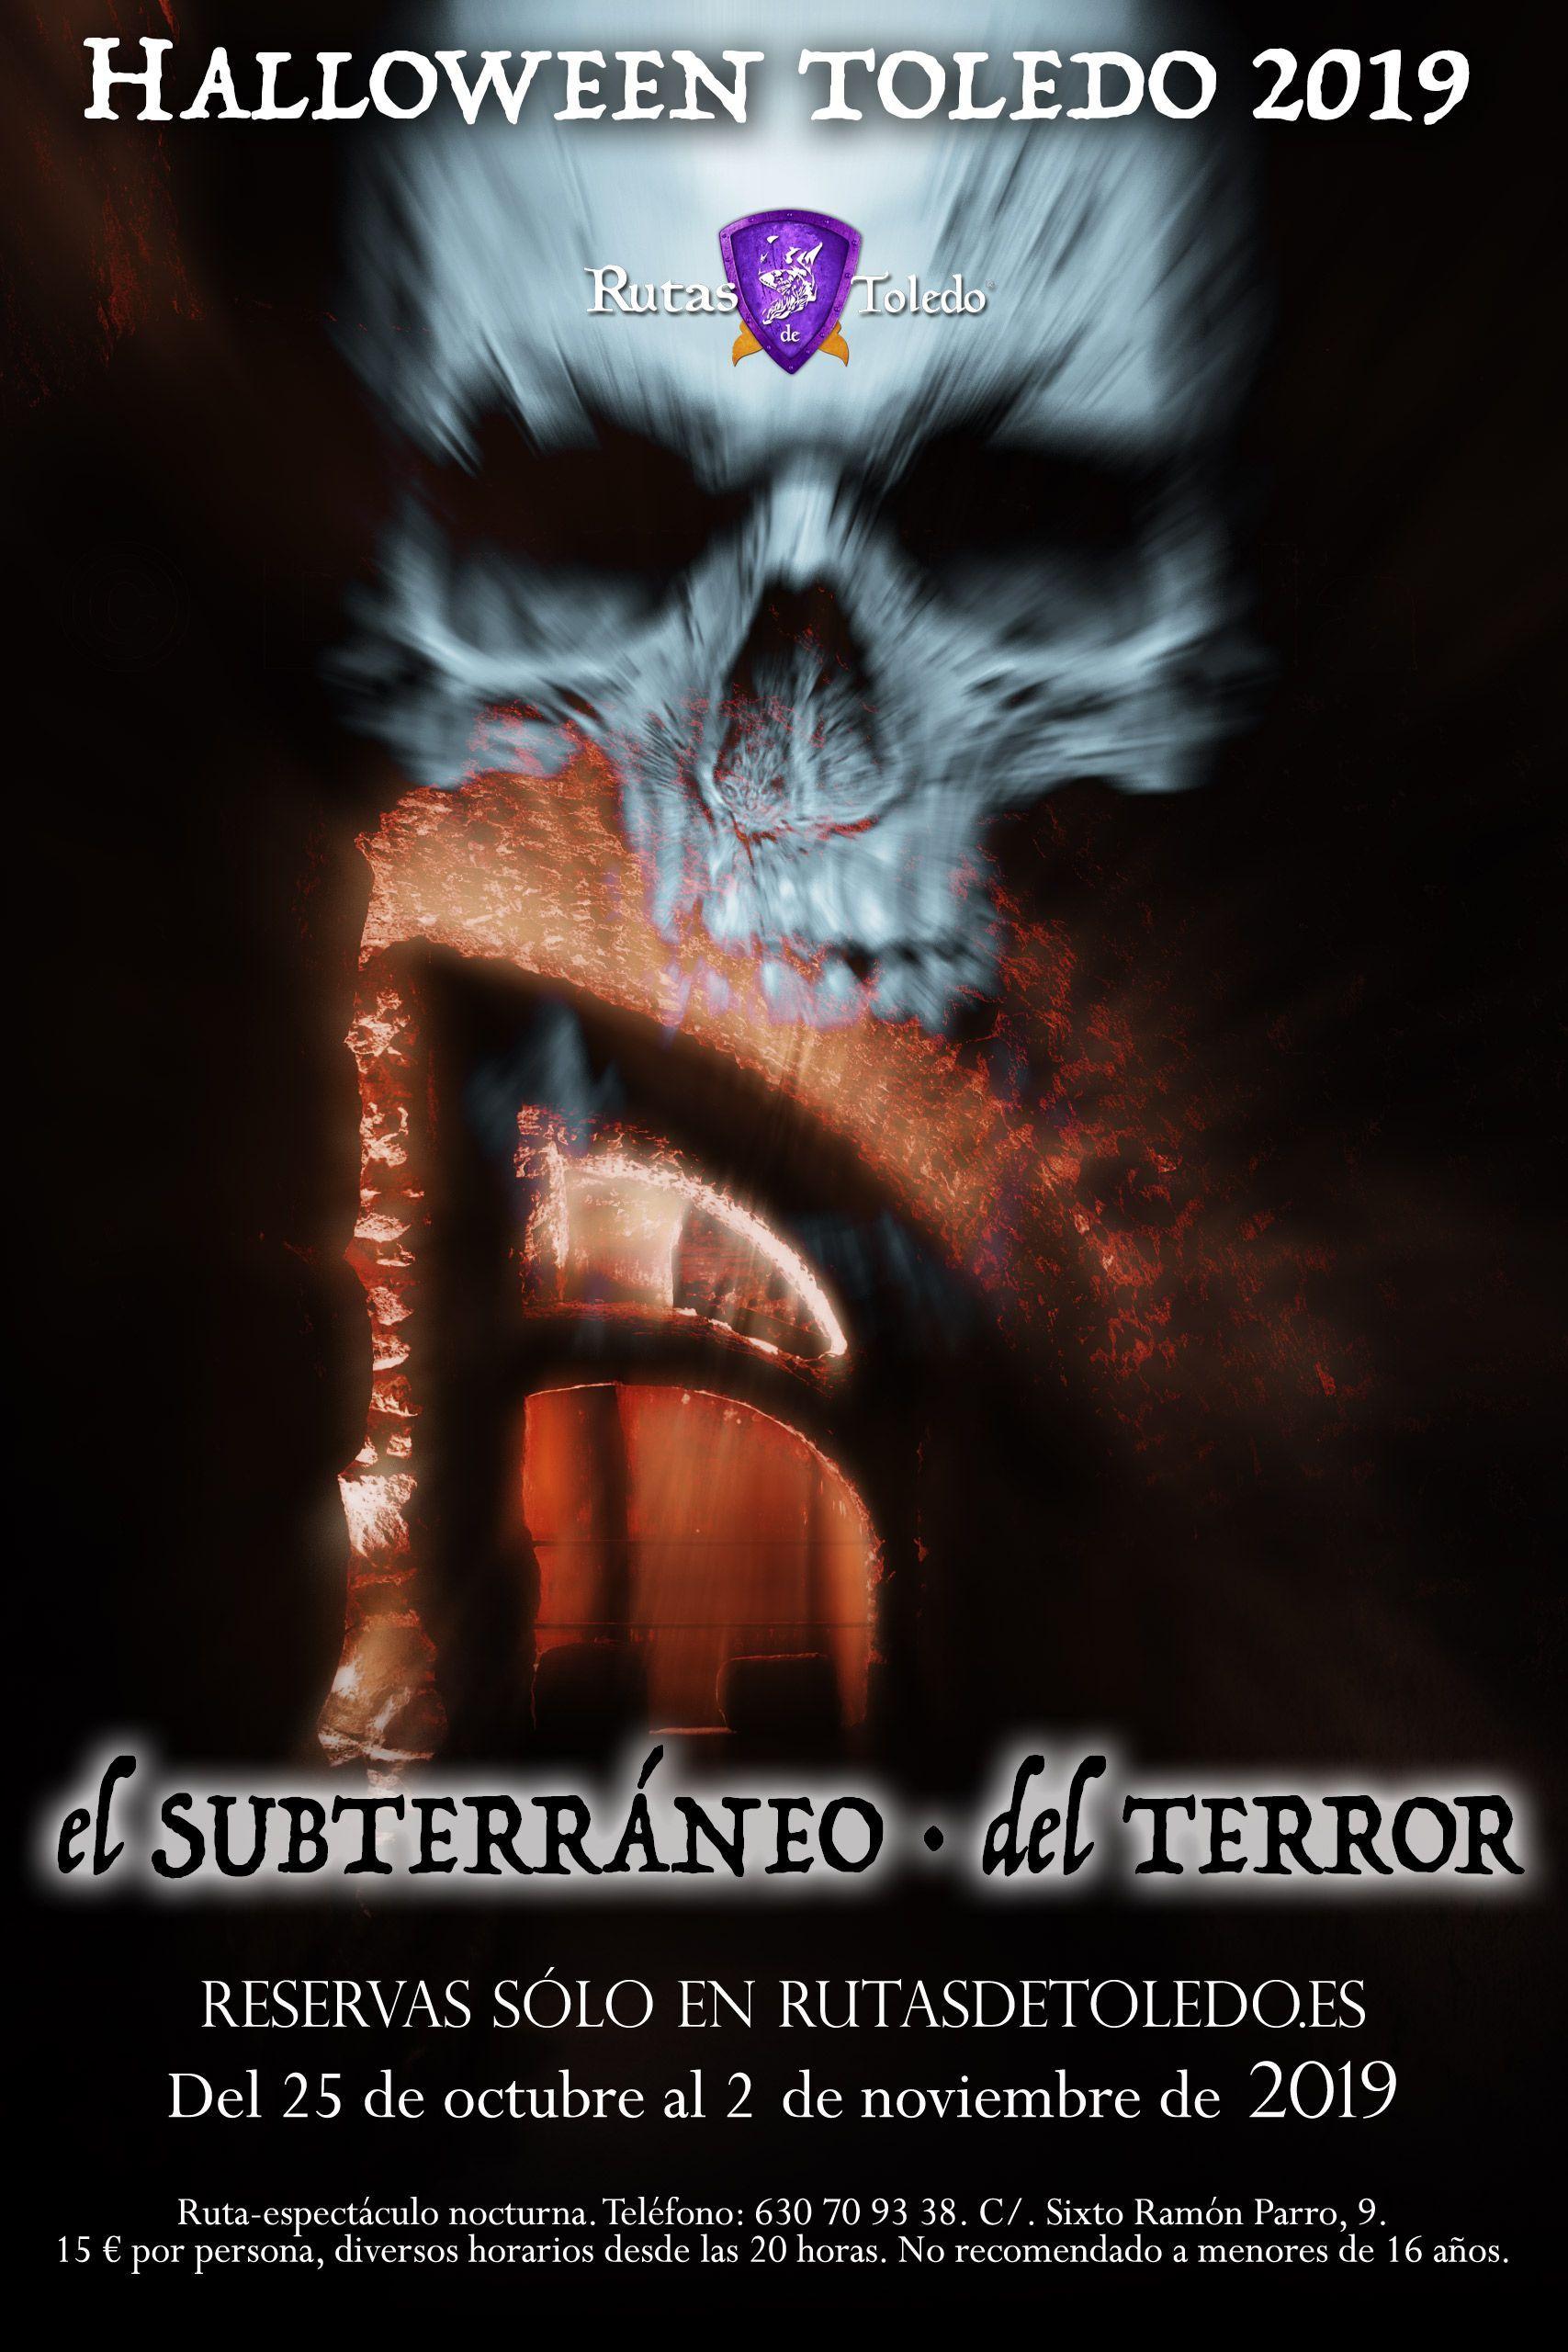 El subterráneo del terror. Halloween 2019 en Toledo.